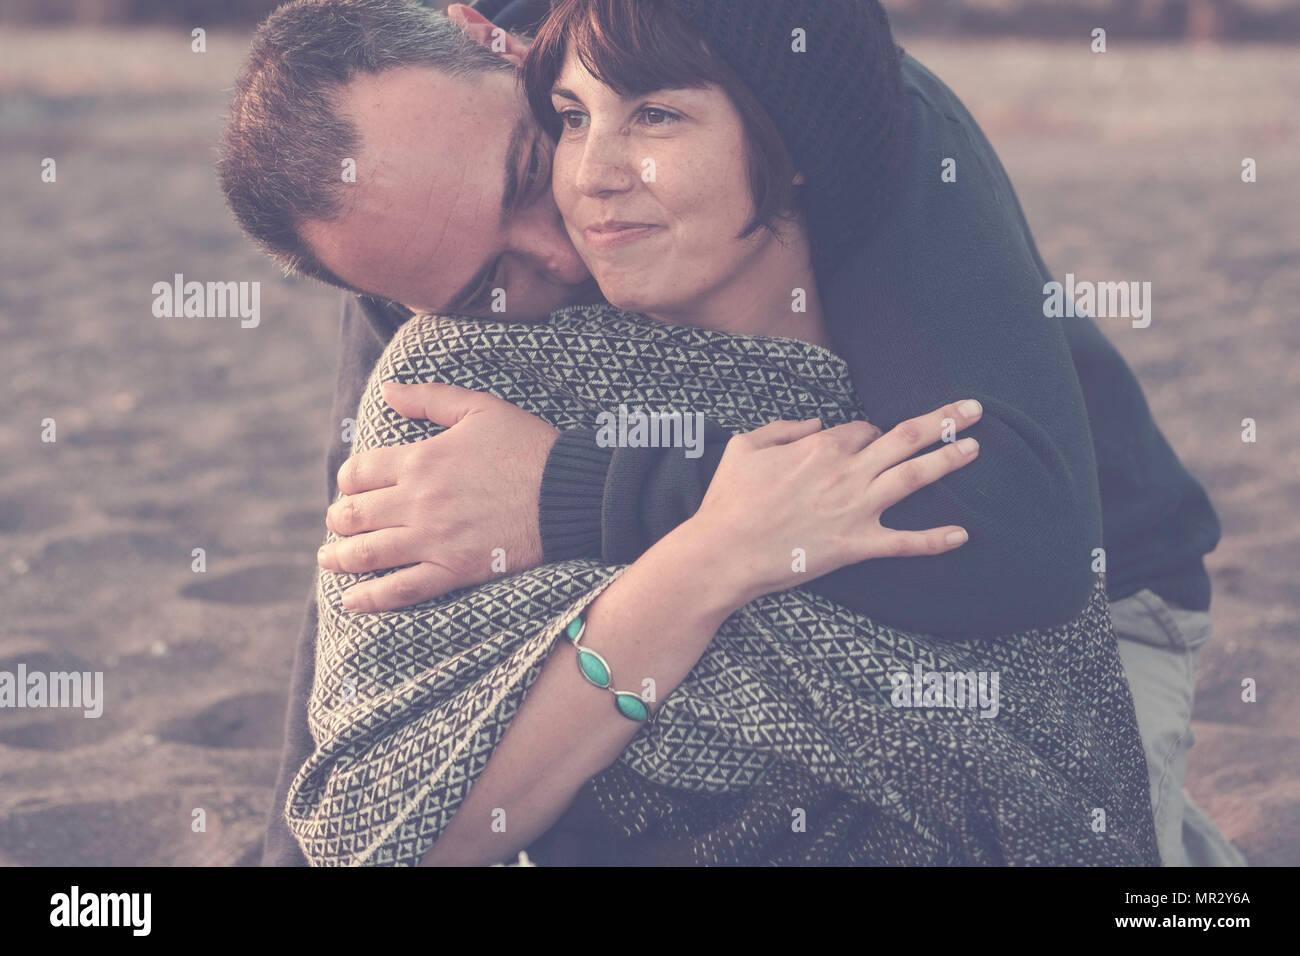 Carino l uomo e la donna sono di mezza età divertendosi in amore in spiaggia all'aperto. Le attività per il tempo libero e la grande abbraccio per il concetto di amore e di scena romantica l'uomo embra Foto Stock